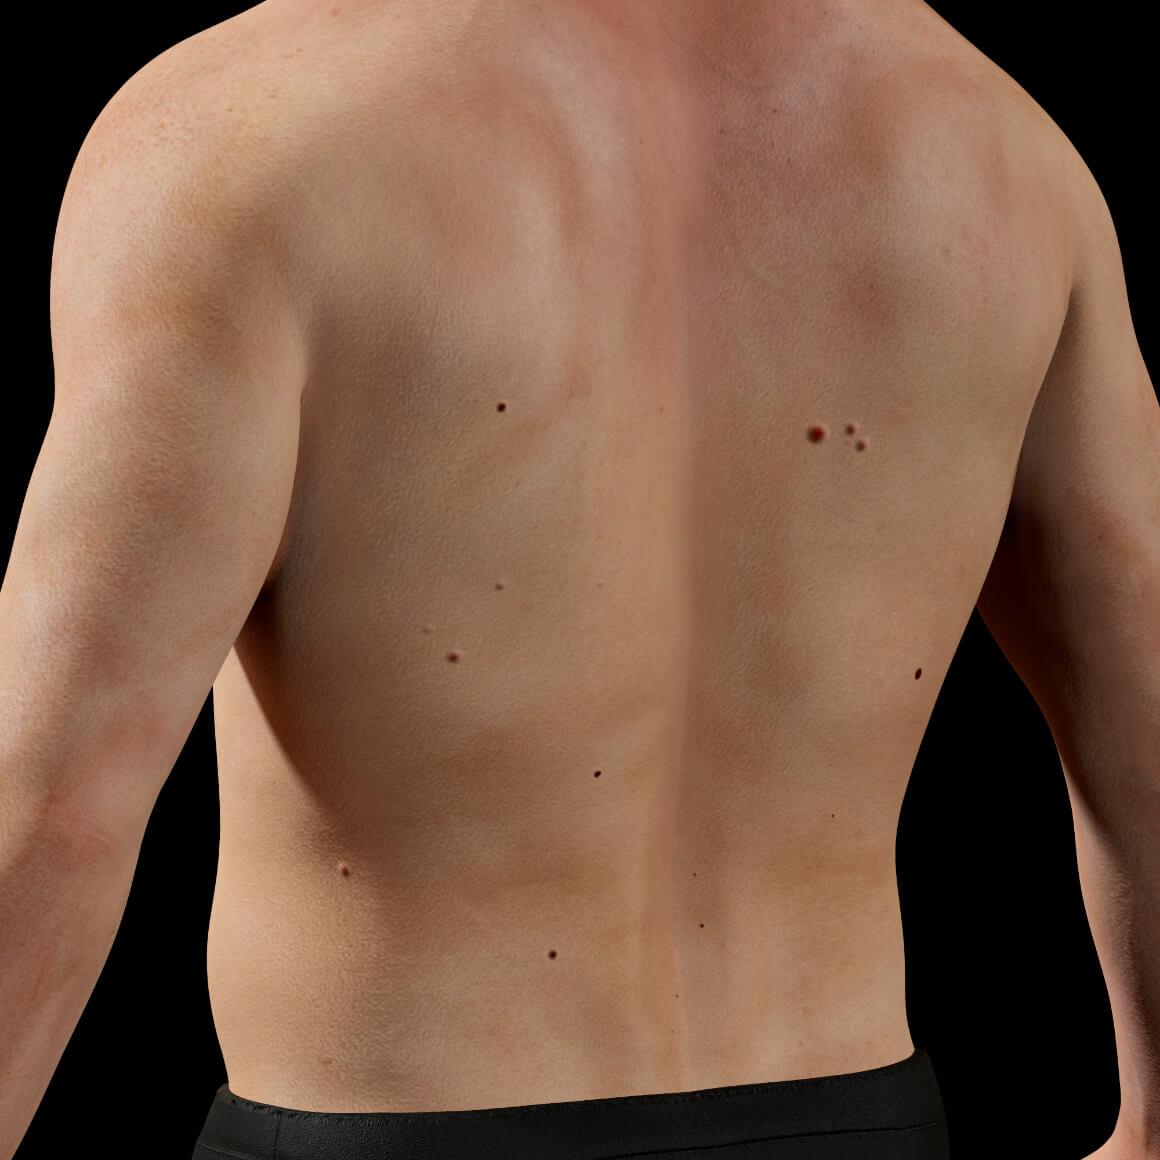 Vue antérieur en angle d'un patient de la Clinique Chloé avec des angiomes rubis dans le dos